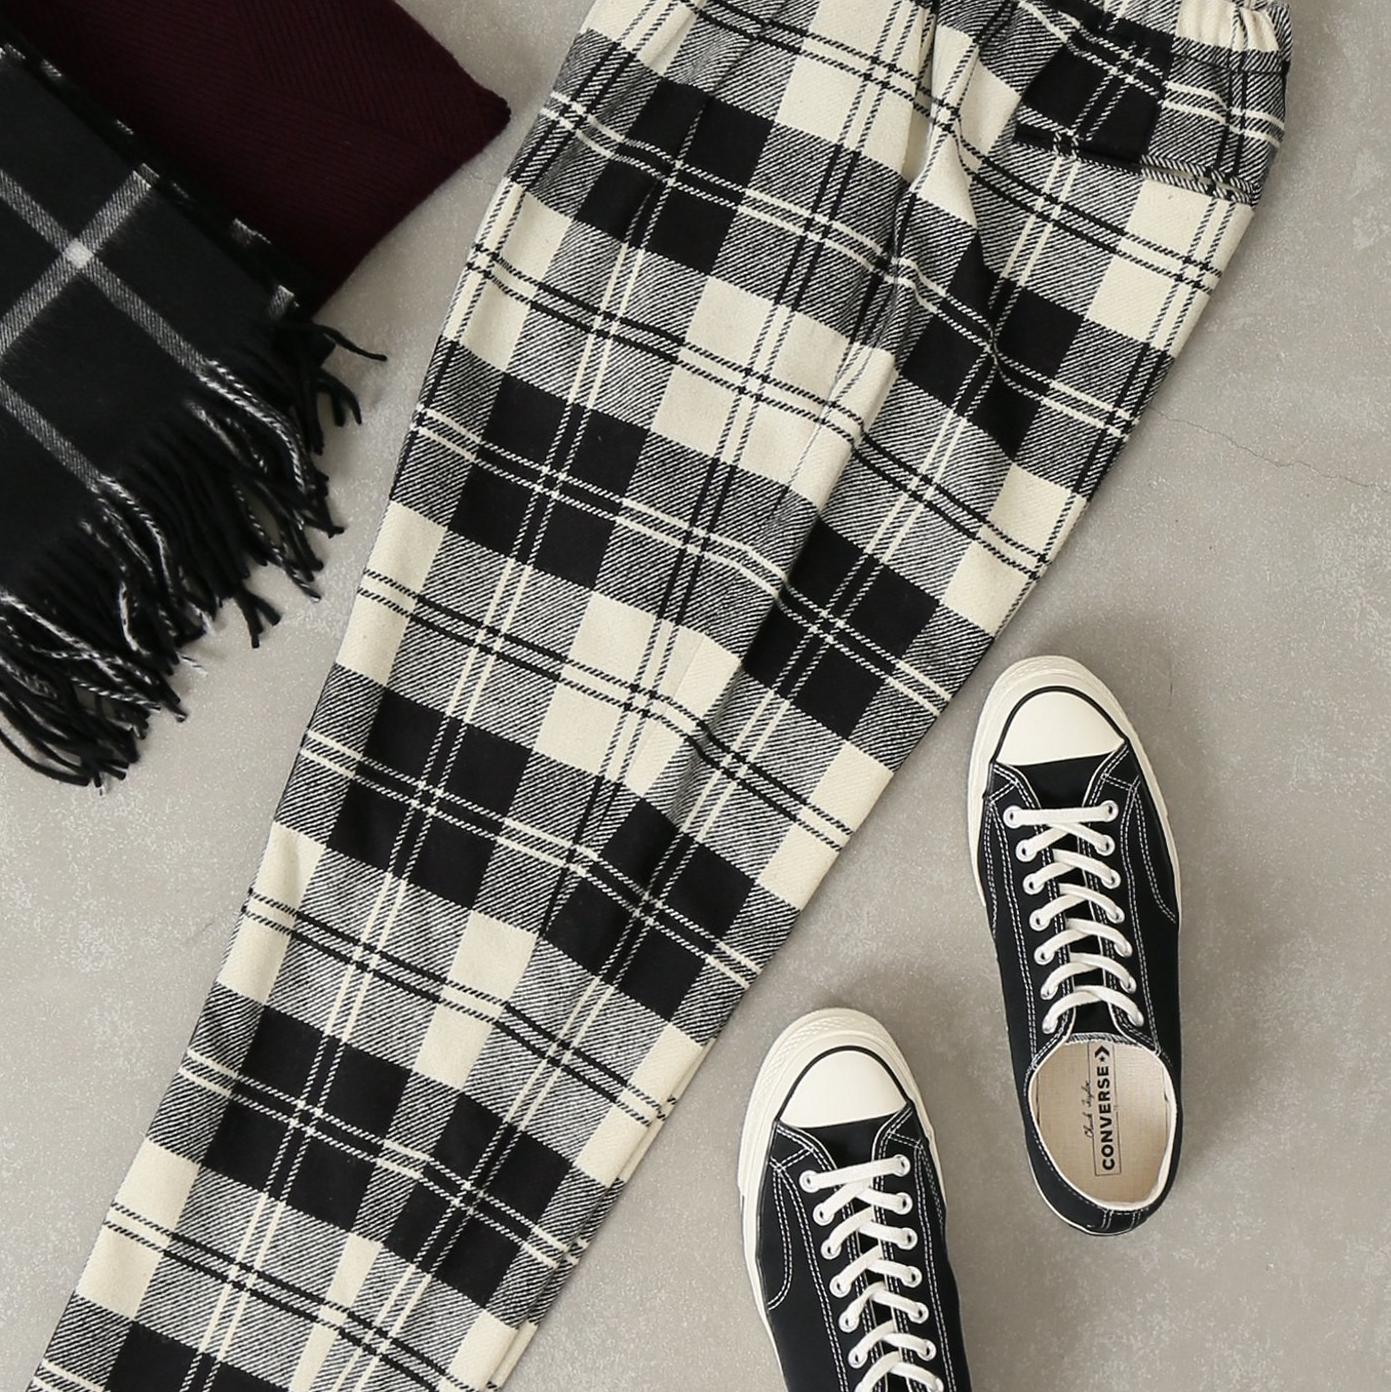 <p>簡單穿搭「格紋長褲」不再煩惱!一律用黑色上衣也能完成焦點造型</p>